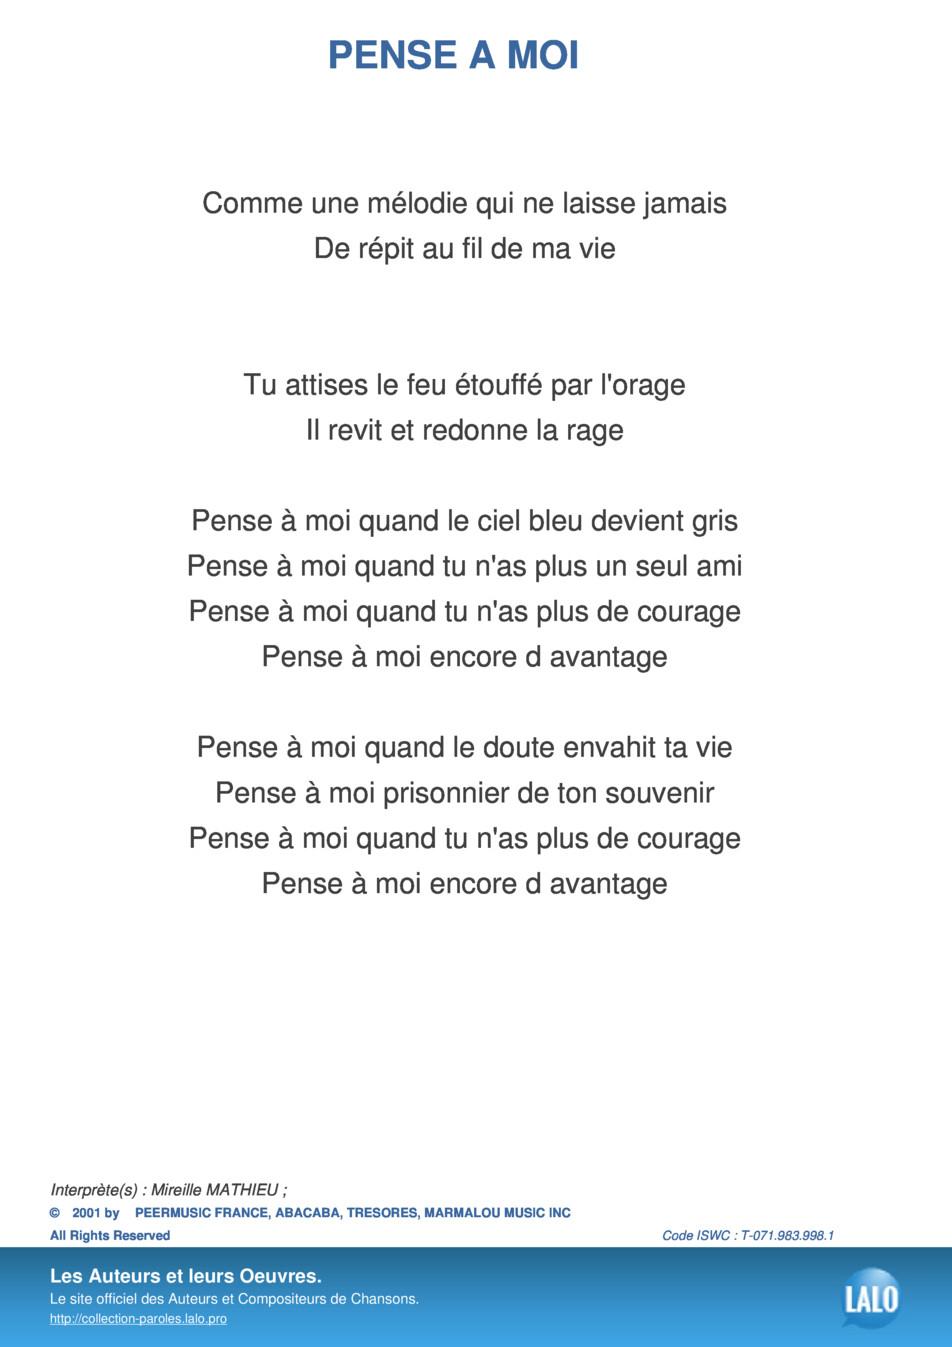 Paroles Et Musique De Pense A Moi Mireille Mathieu - Lalo.pro dedans Chanson Pense À Moi